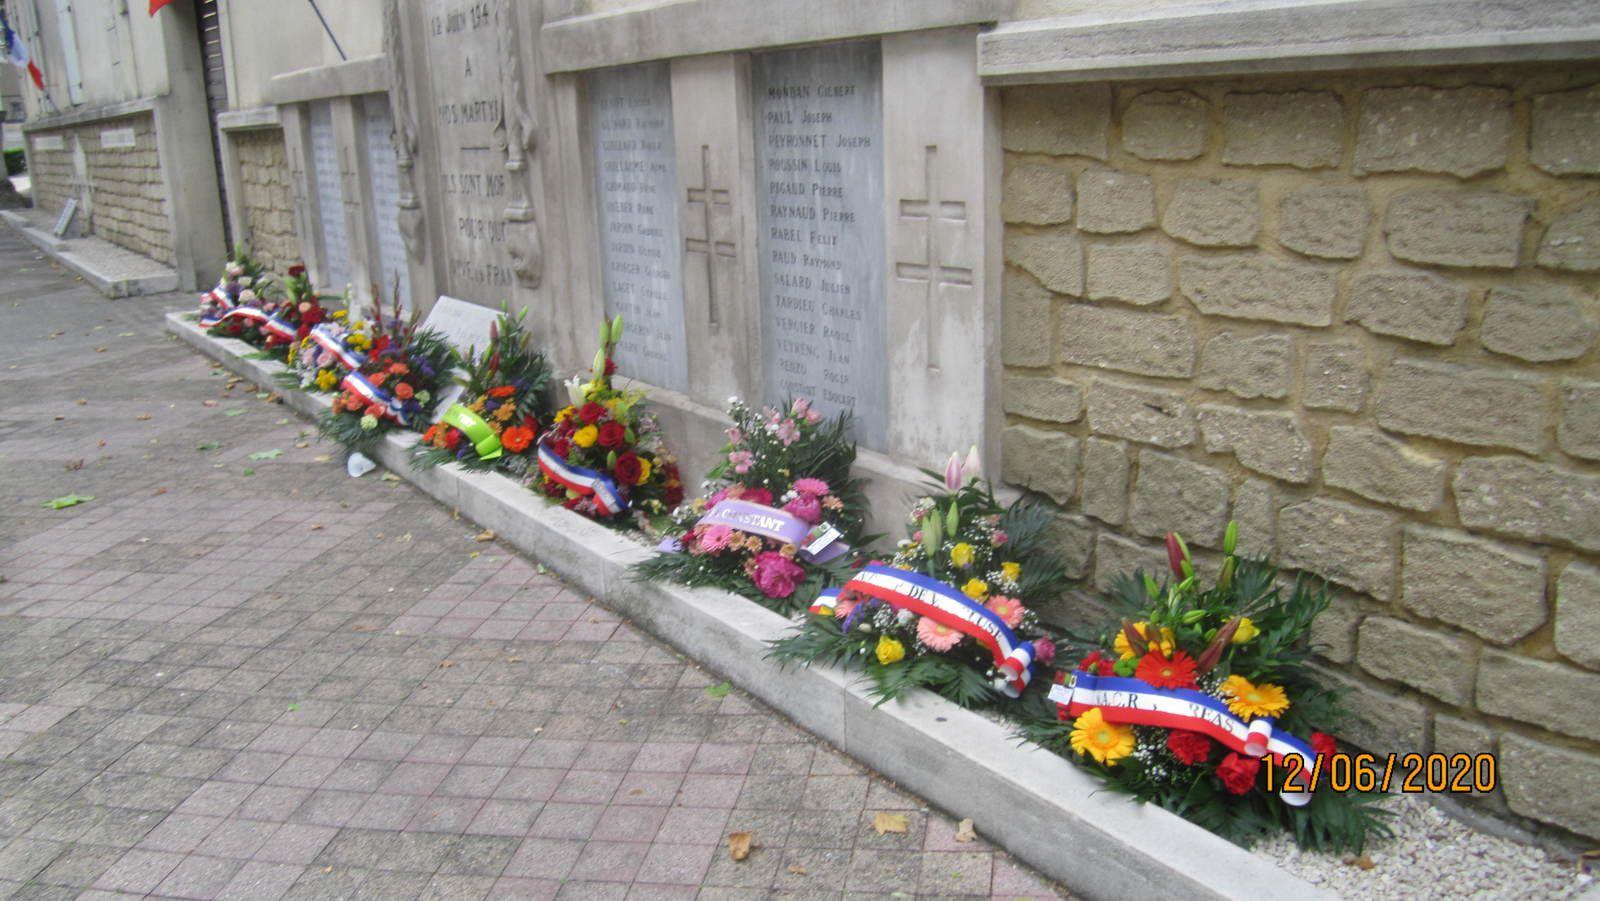 12 juin 2020, des fleurs pour nos martyrs